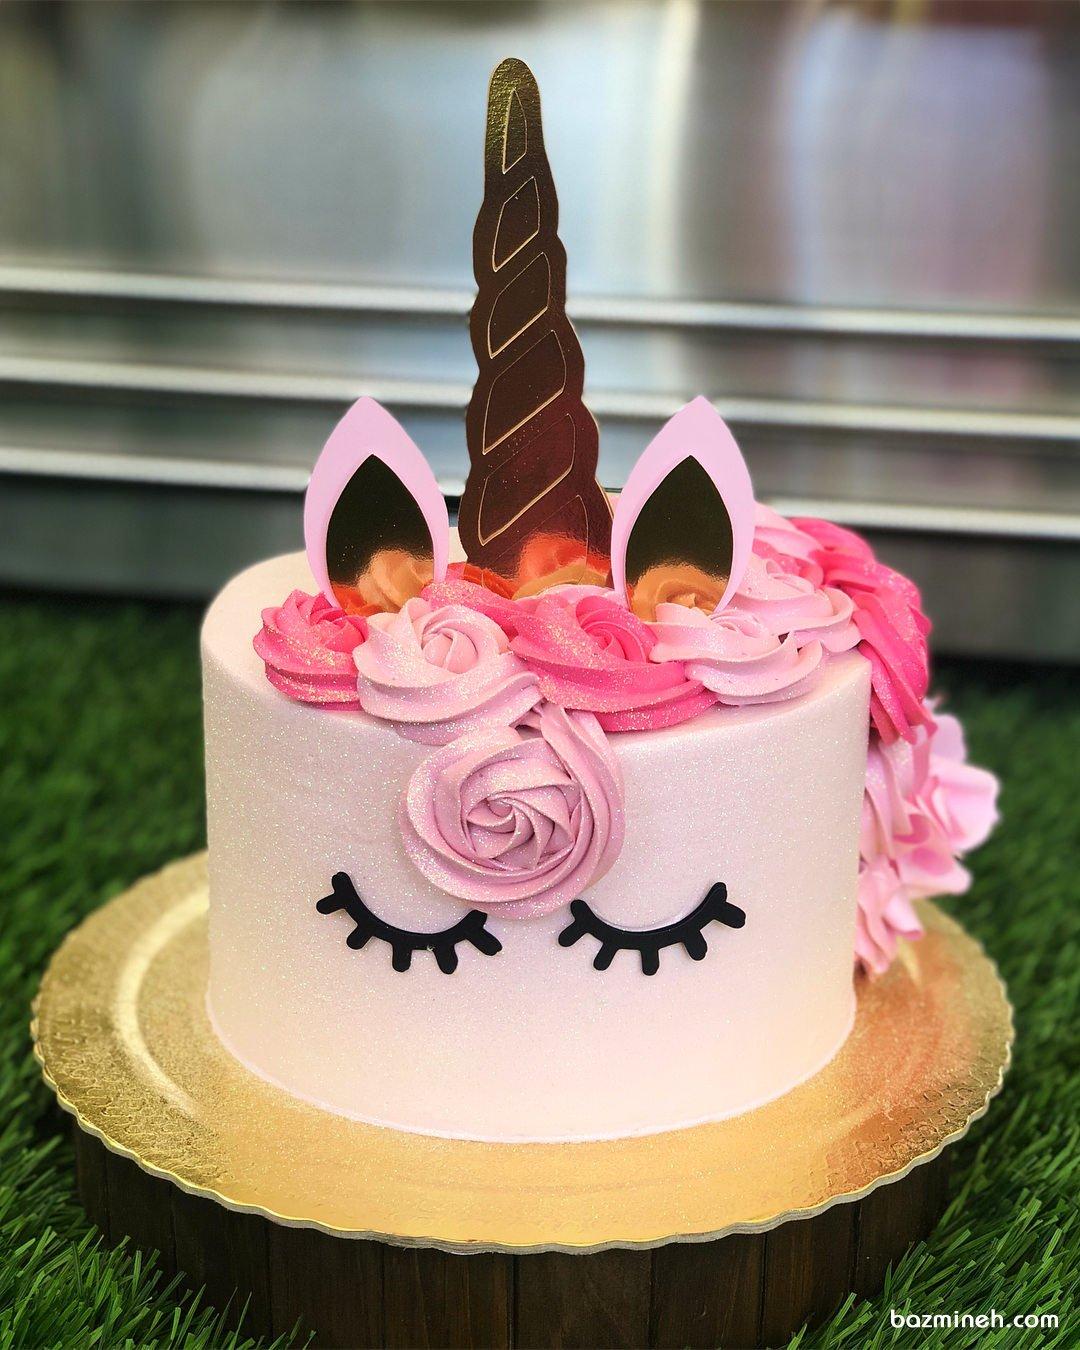 مینی کیک رویایی جشن تولد دخترونه با تم اسب تک شاخ (Unicorn)